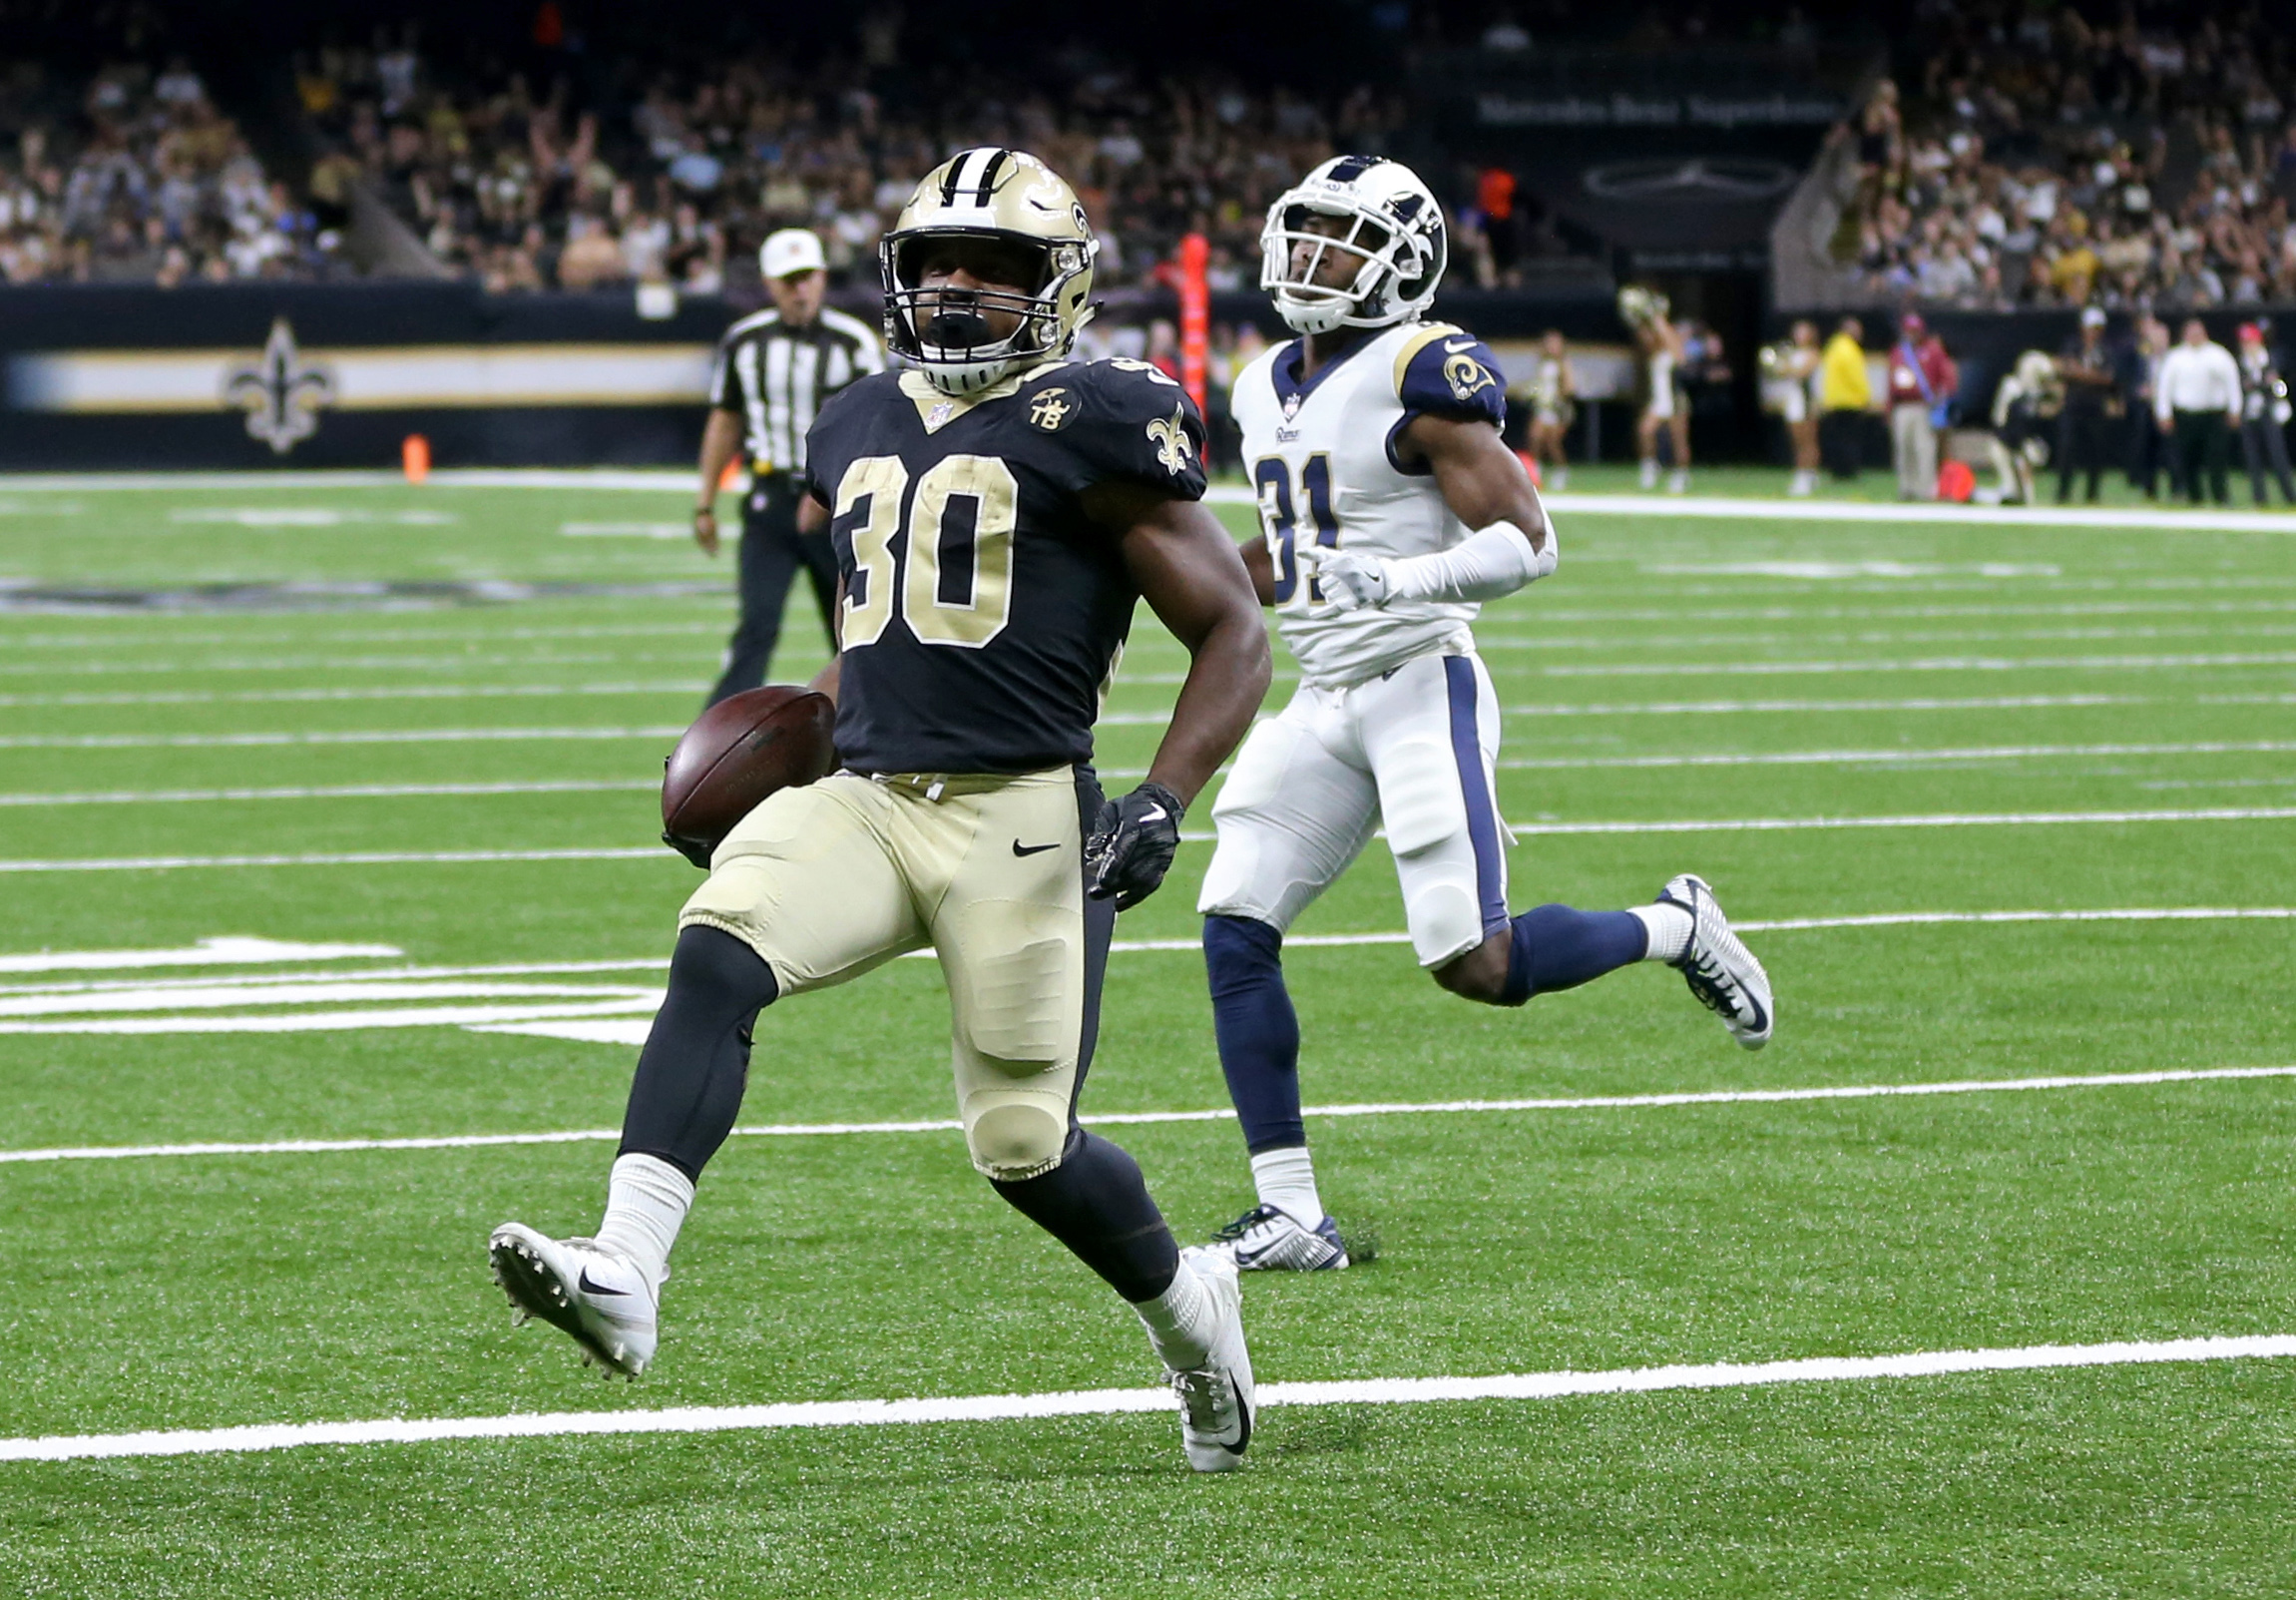 New Orleans Saints RB Boston Scott scores a touchdown, August 30, 2018.